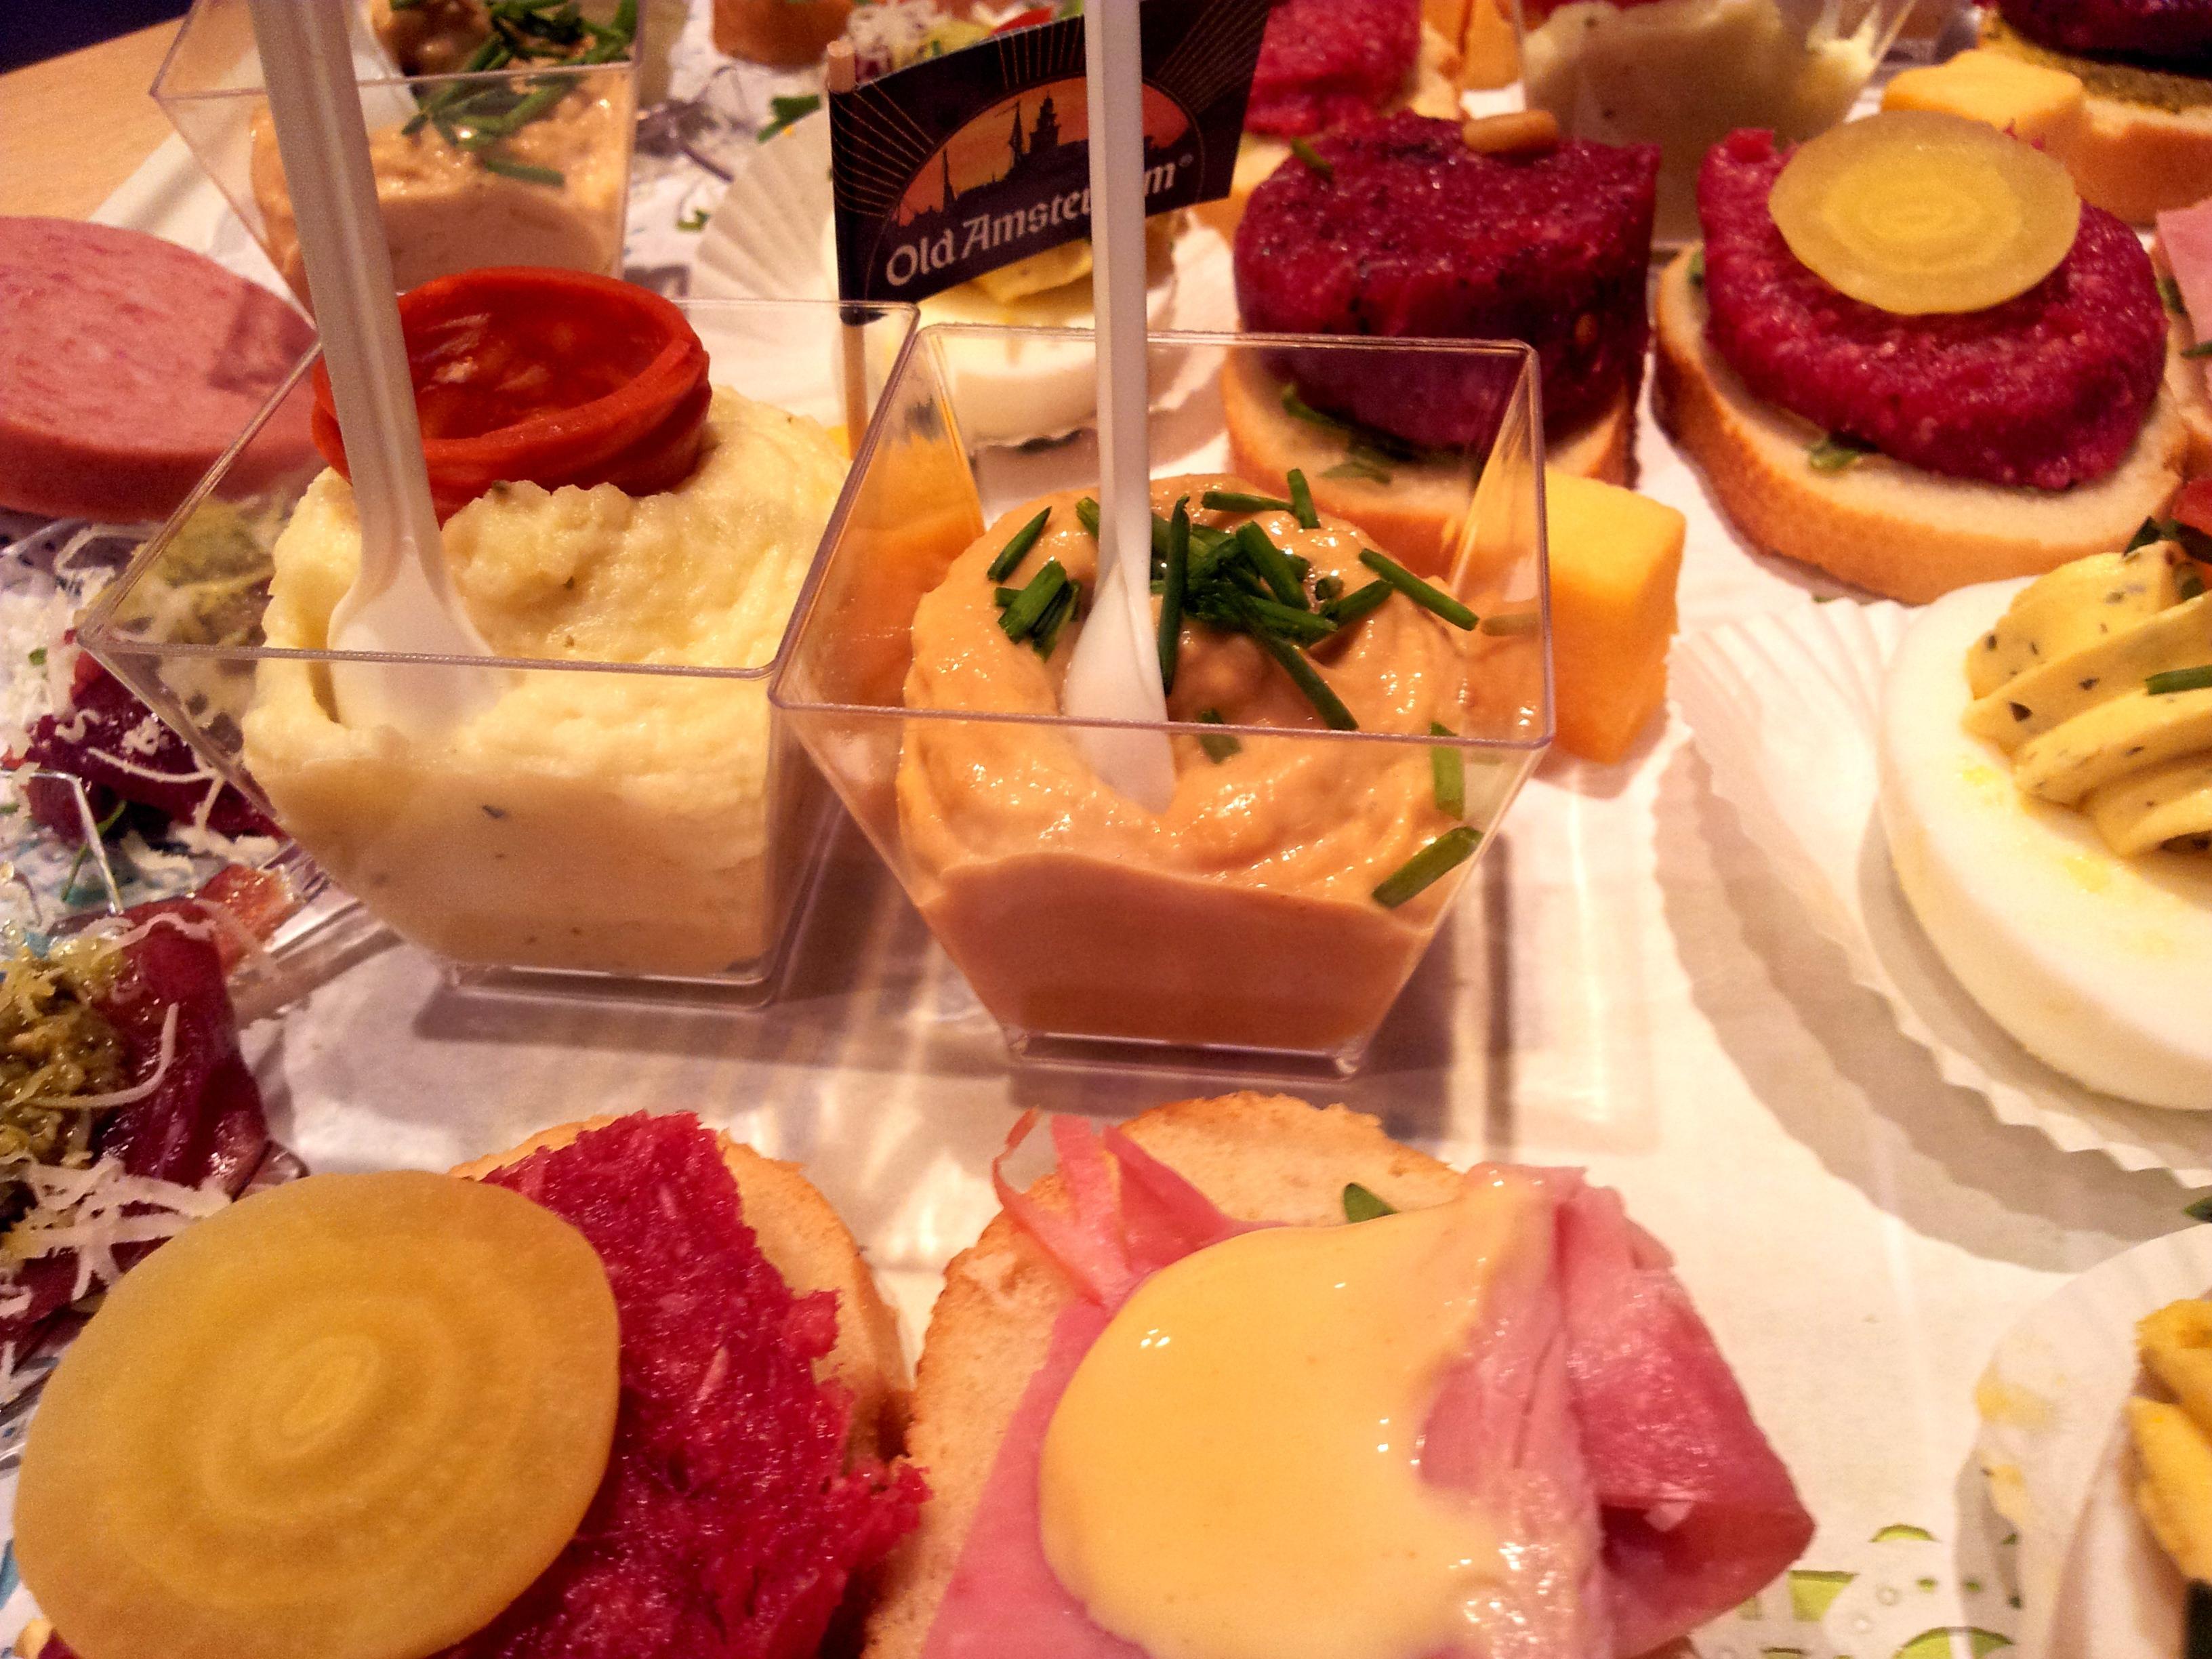 Kostenlose foto : Gericht, Mahlzeit, Lebensmittel, Frühstück ...